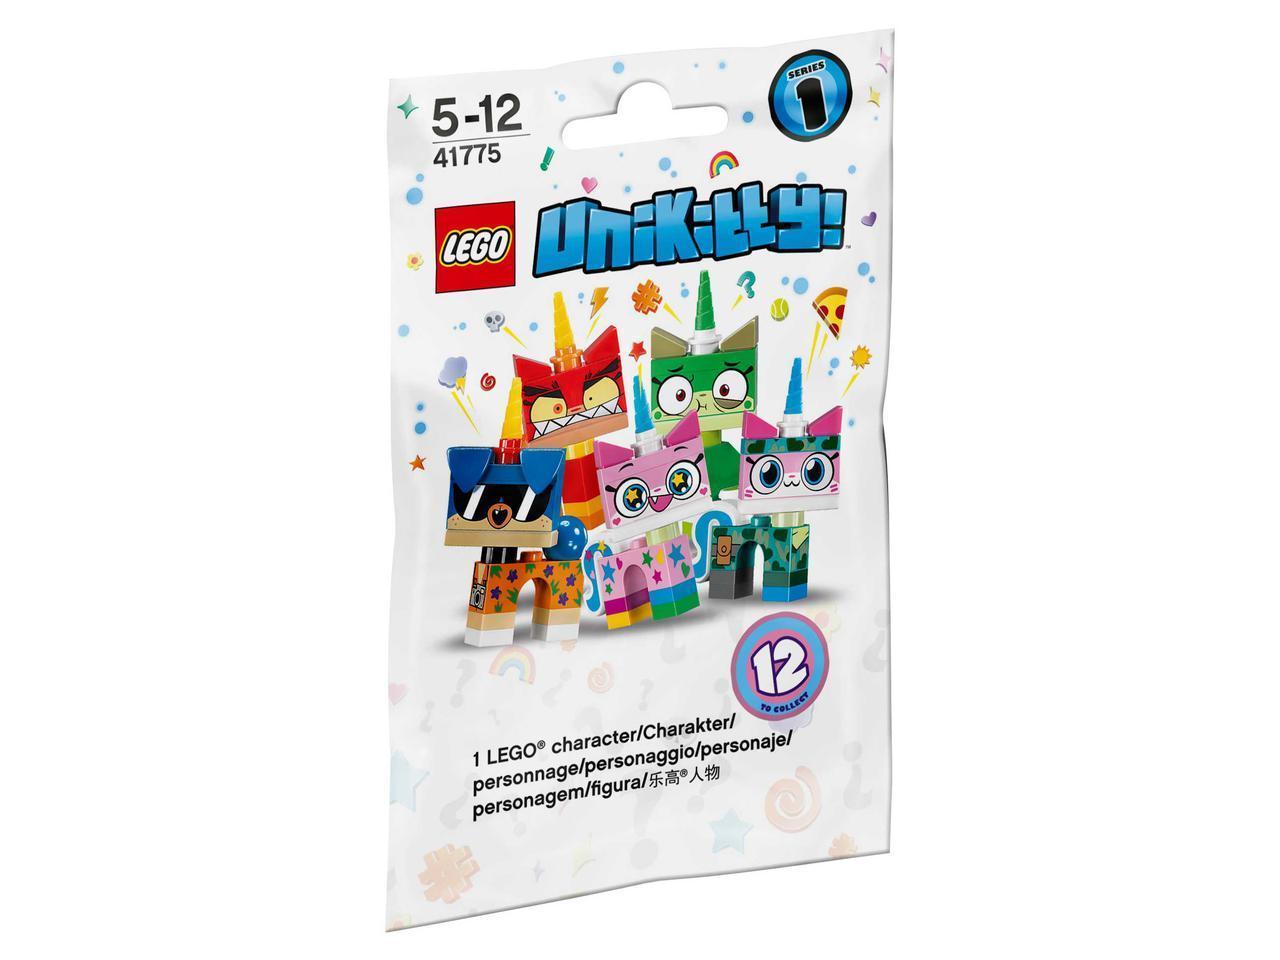 41775 Lego Минифигурка Юникитти